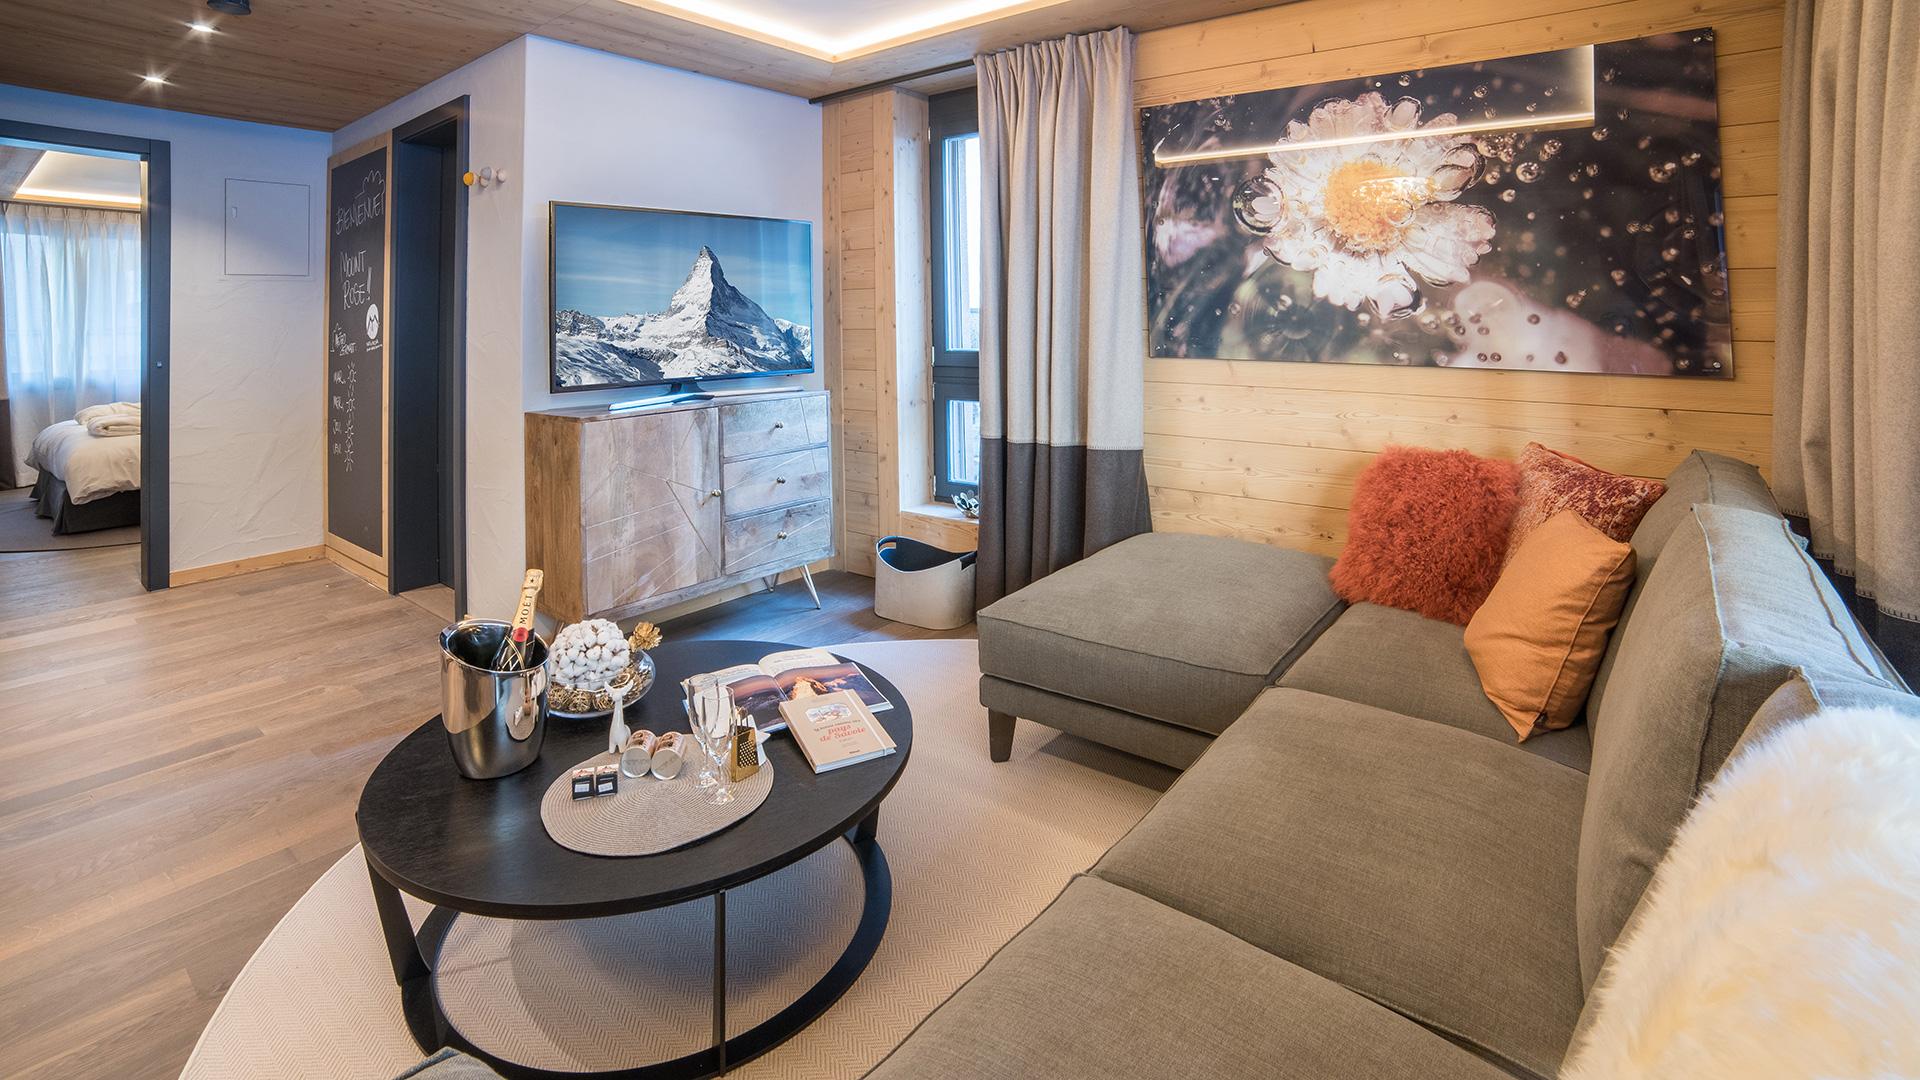 Utah Apt Apartments, Switzerland